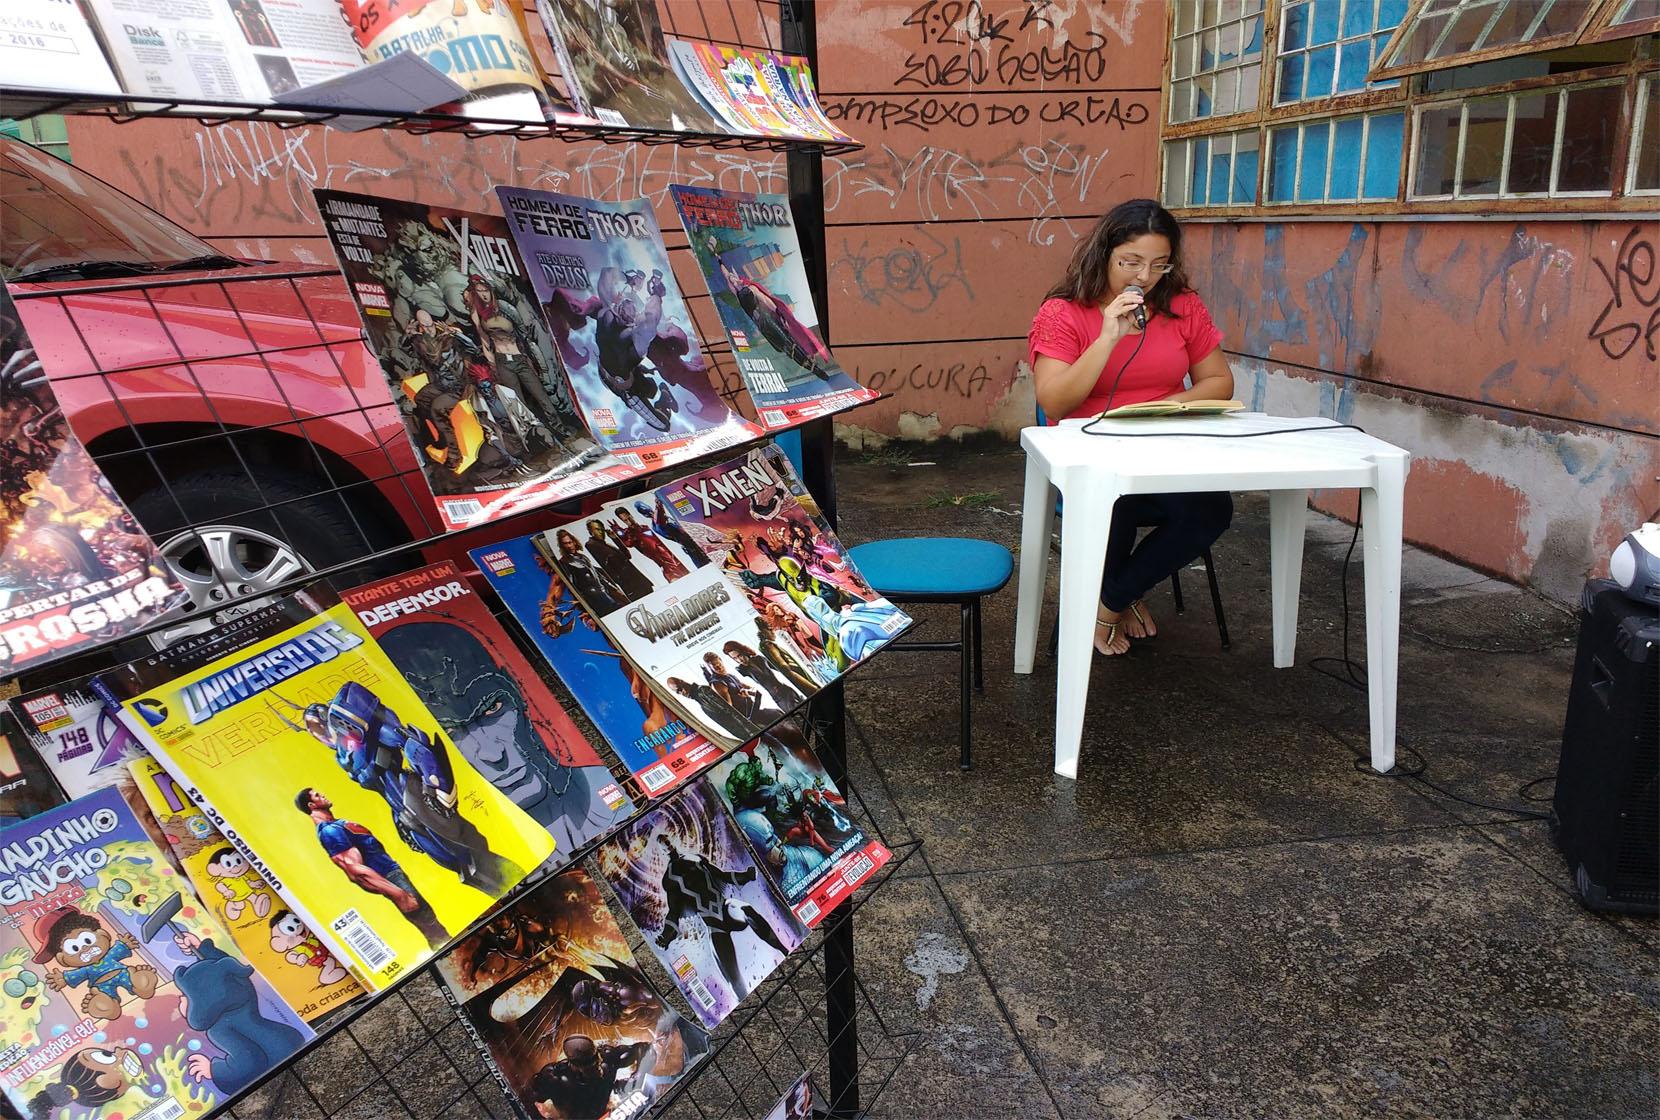 Palco Literário realiza leitura de crônicas e contos para a comunidade (Foto: Divulgação)